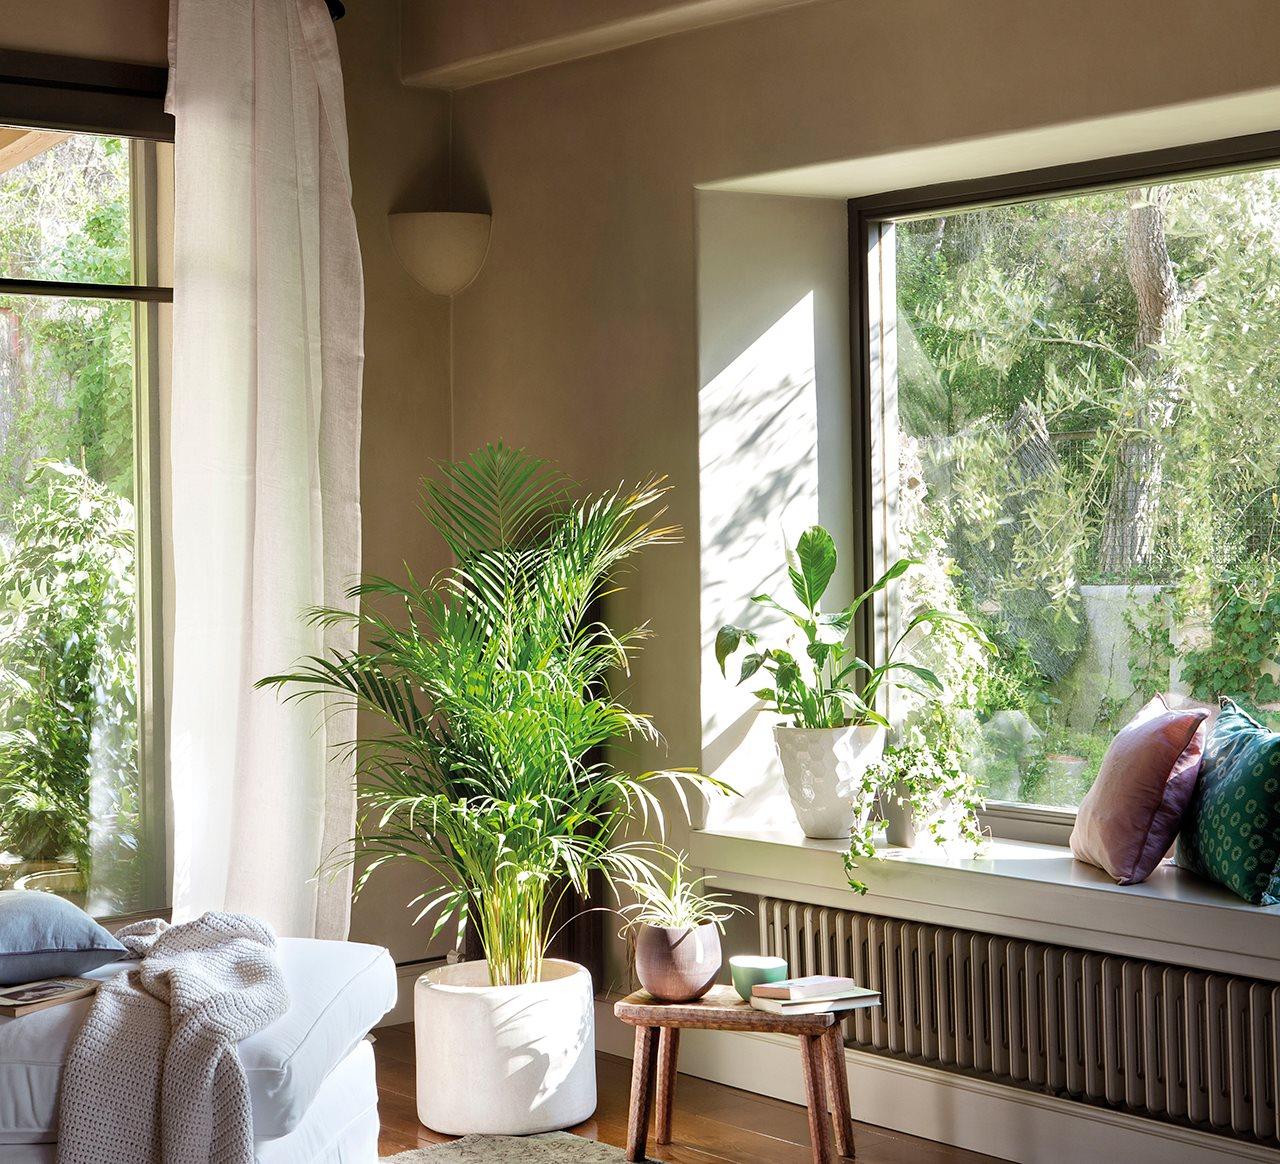 C mo decorar con plantas - Plantas para dormitorio ...